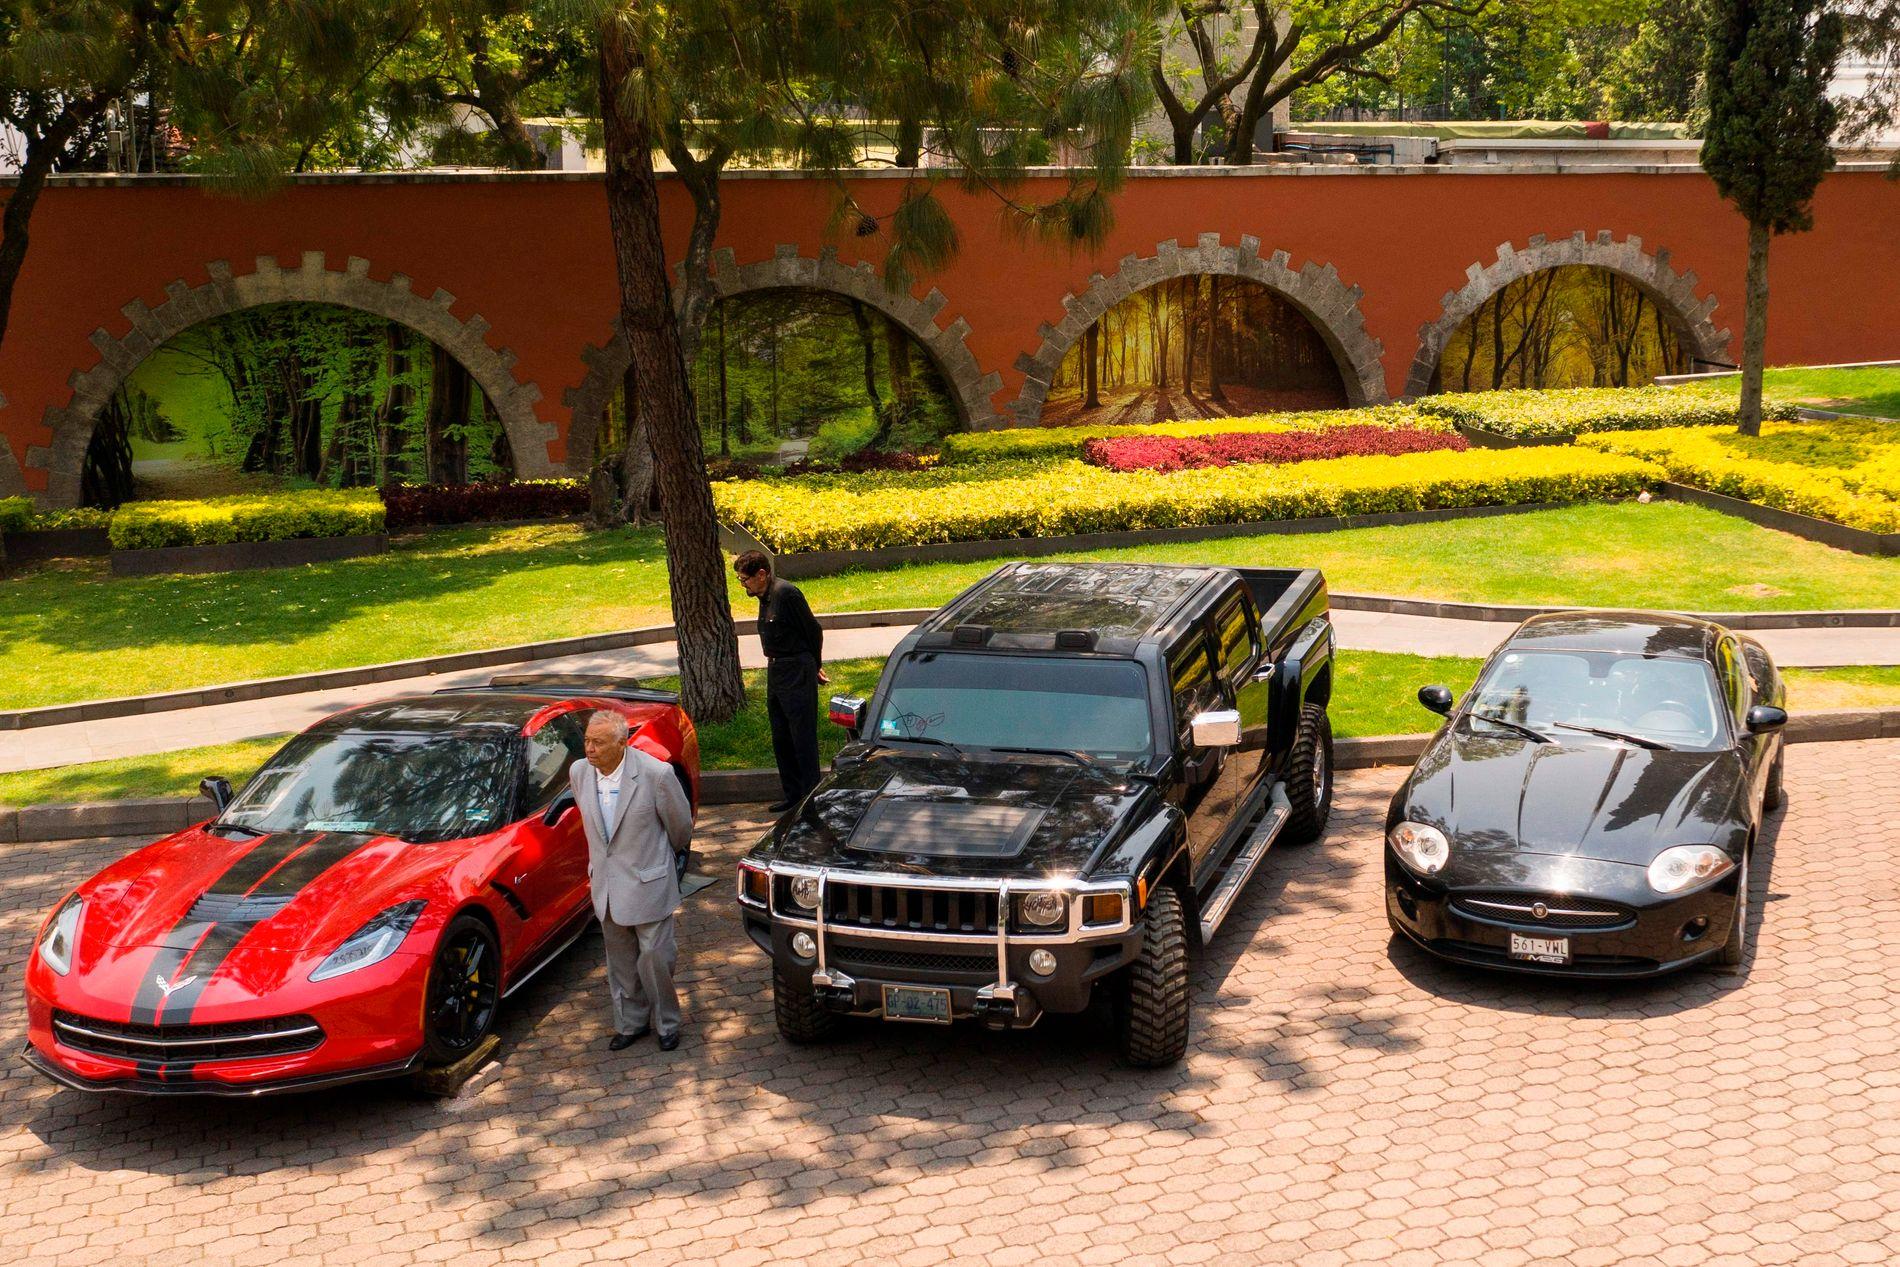 FØRSTE, ANDRE, TREDJE: Søndag 26. mai skal disse bilene selges til høystbydende. Her står de oppstilt ved en tidligere presidentresidens i Mexico City.